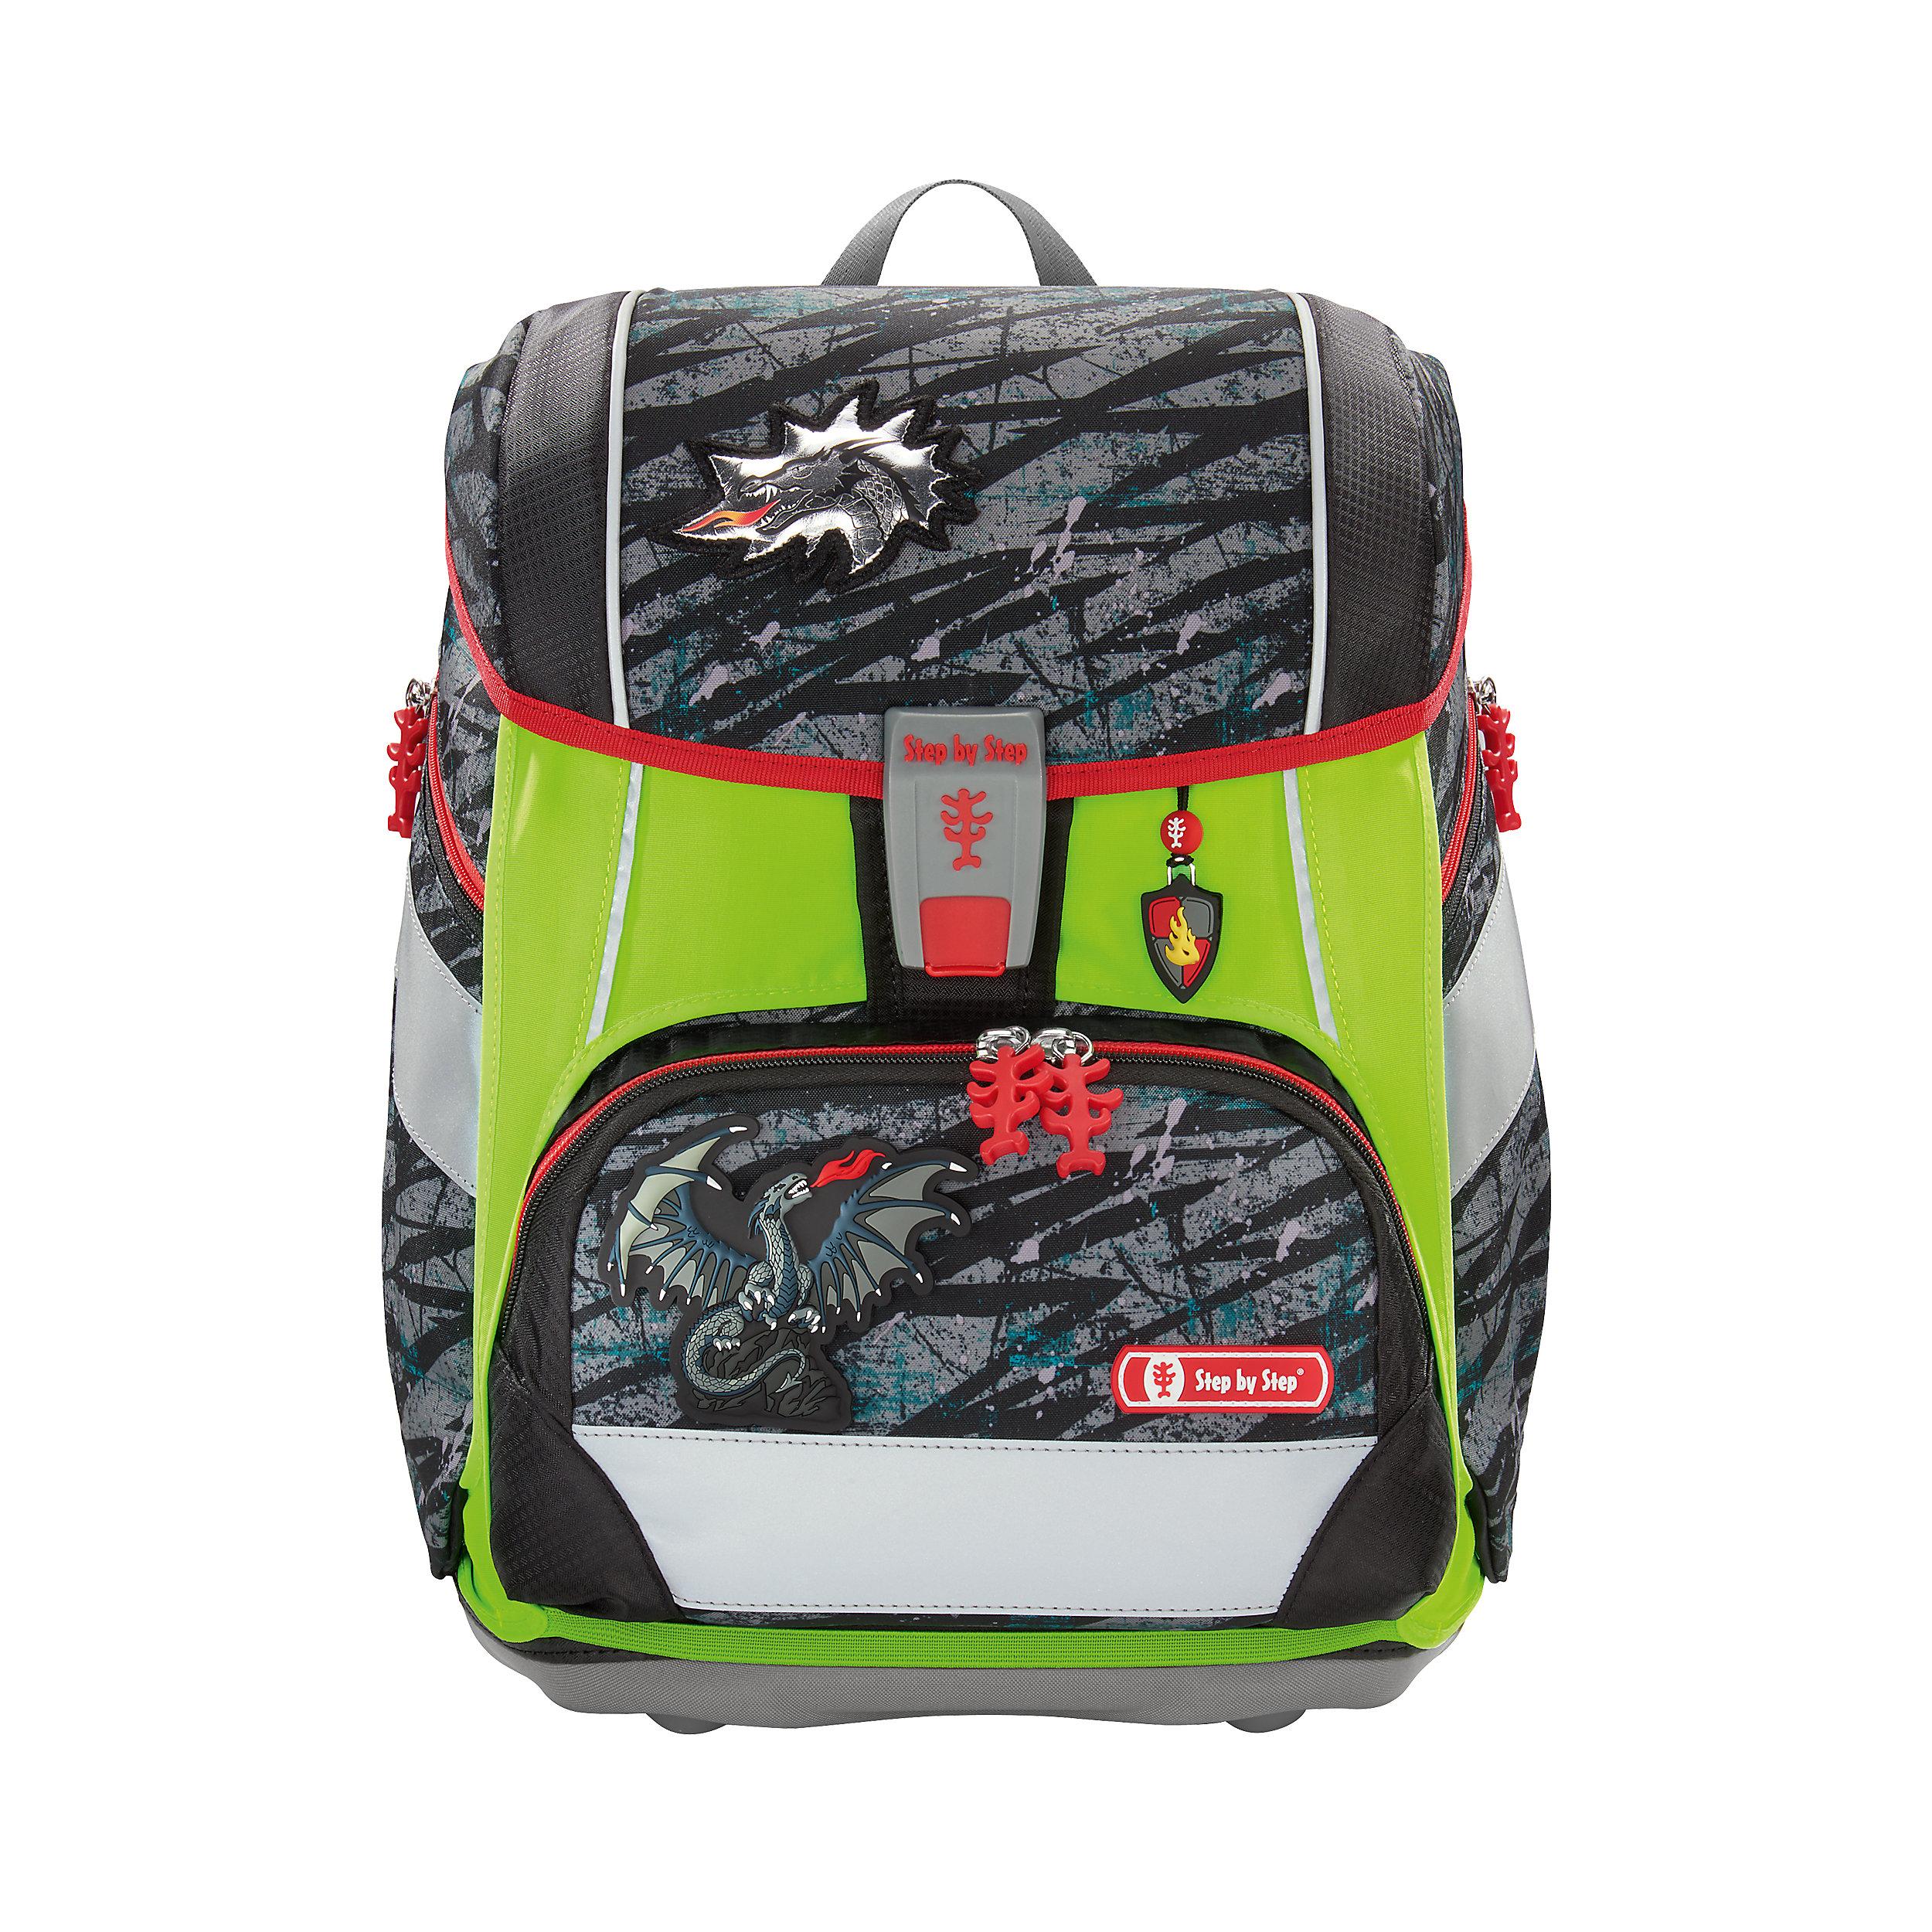 Ranzenüberzug Neon Pull-Over für das Schulranzenmodell 2IN1 PLUS